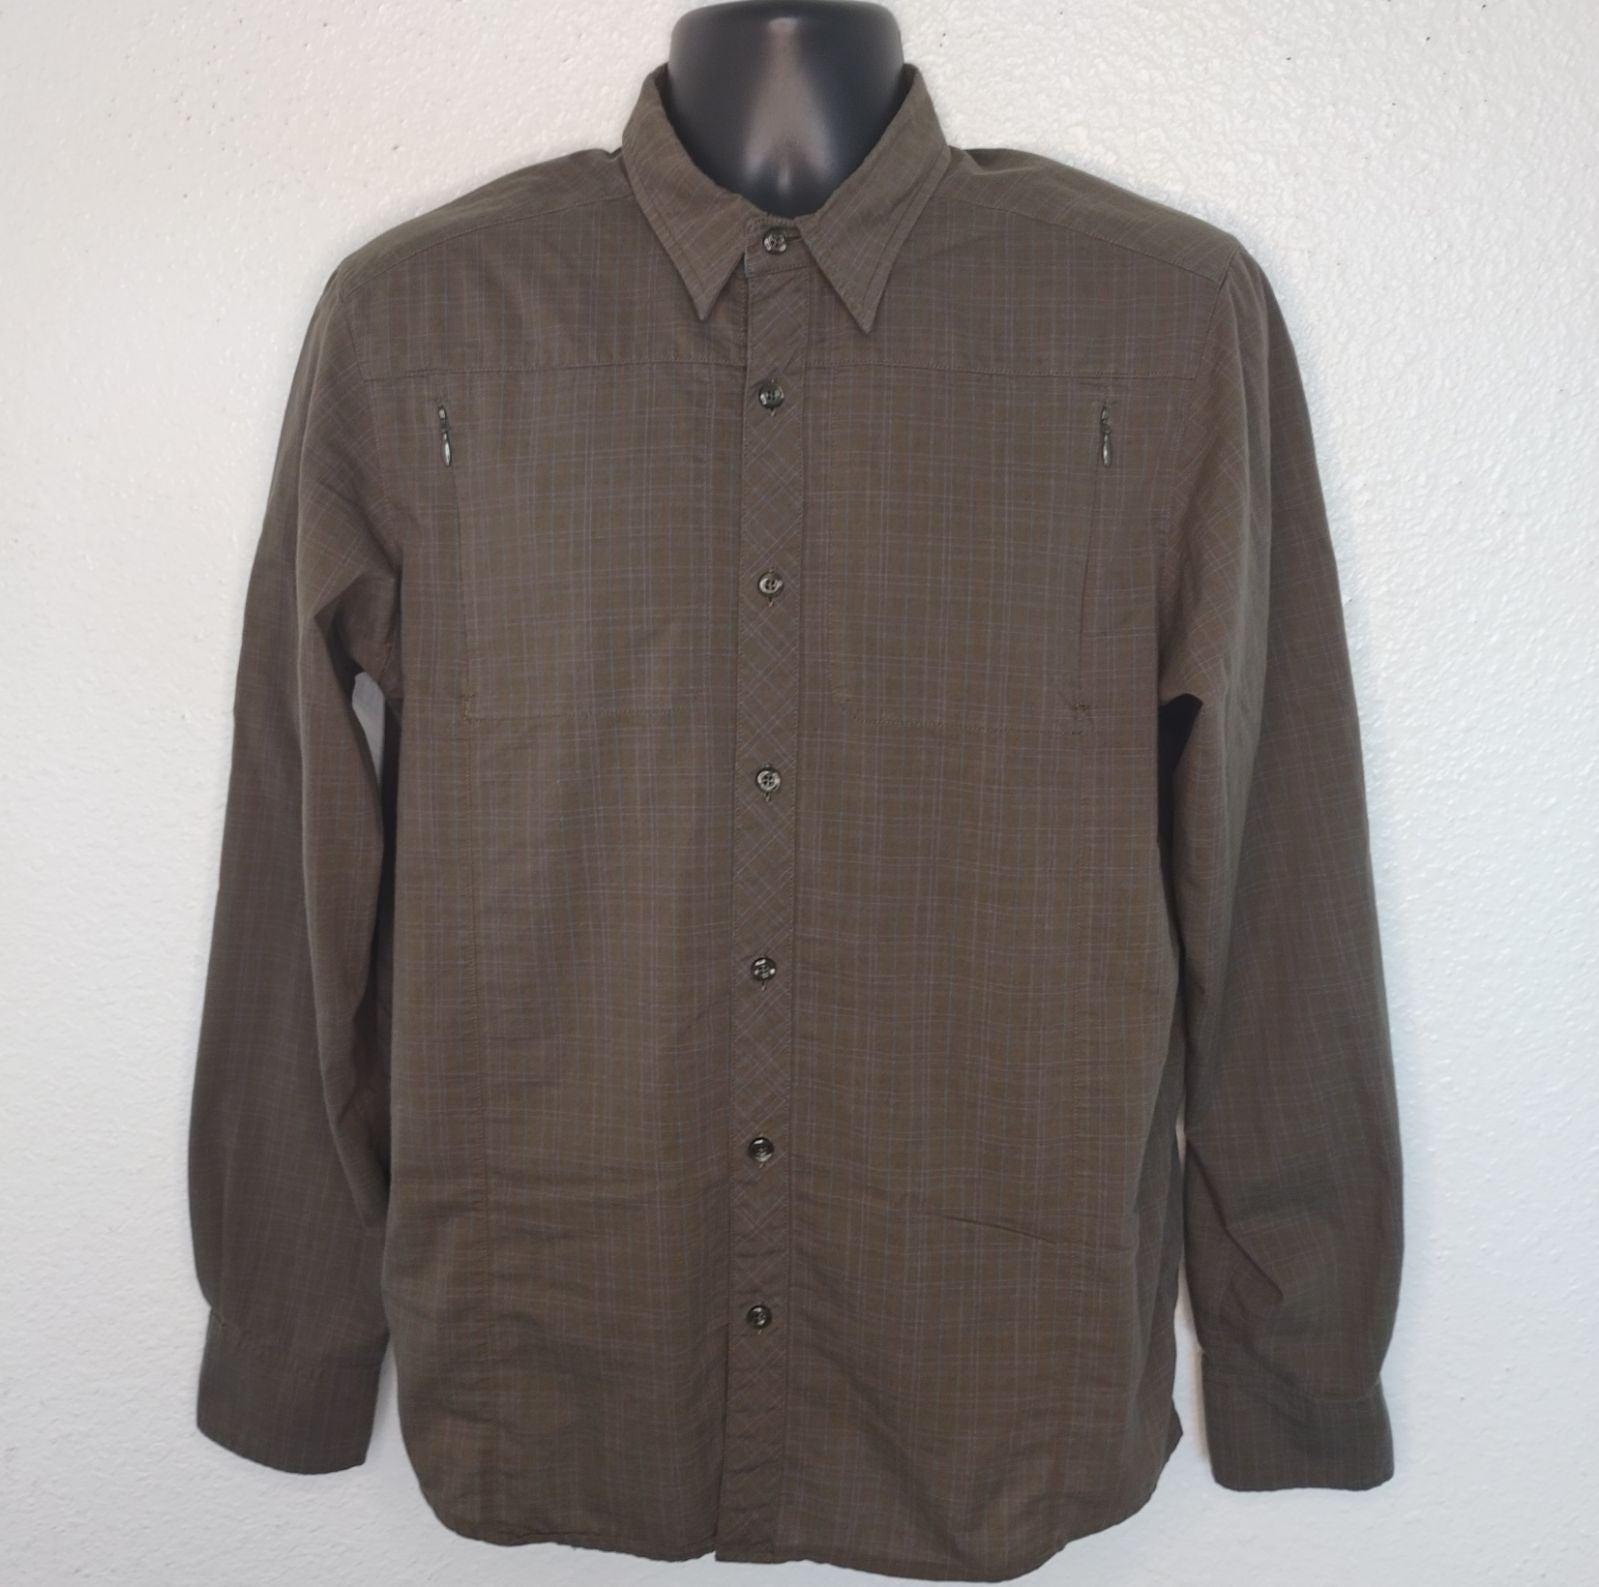 Arc'teryx Mens M Shirt Outdoor Button Up